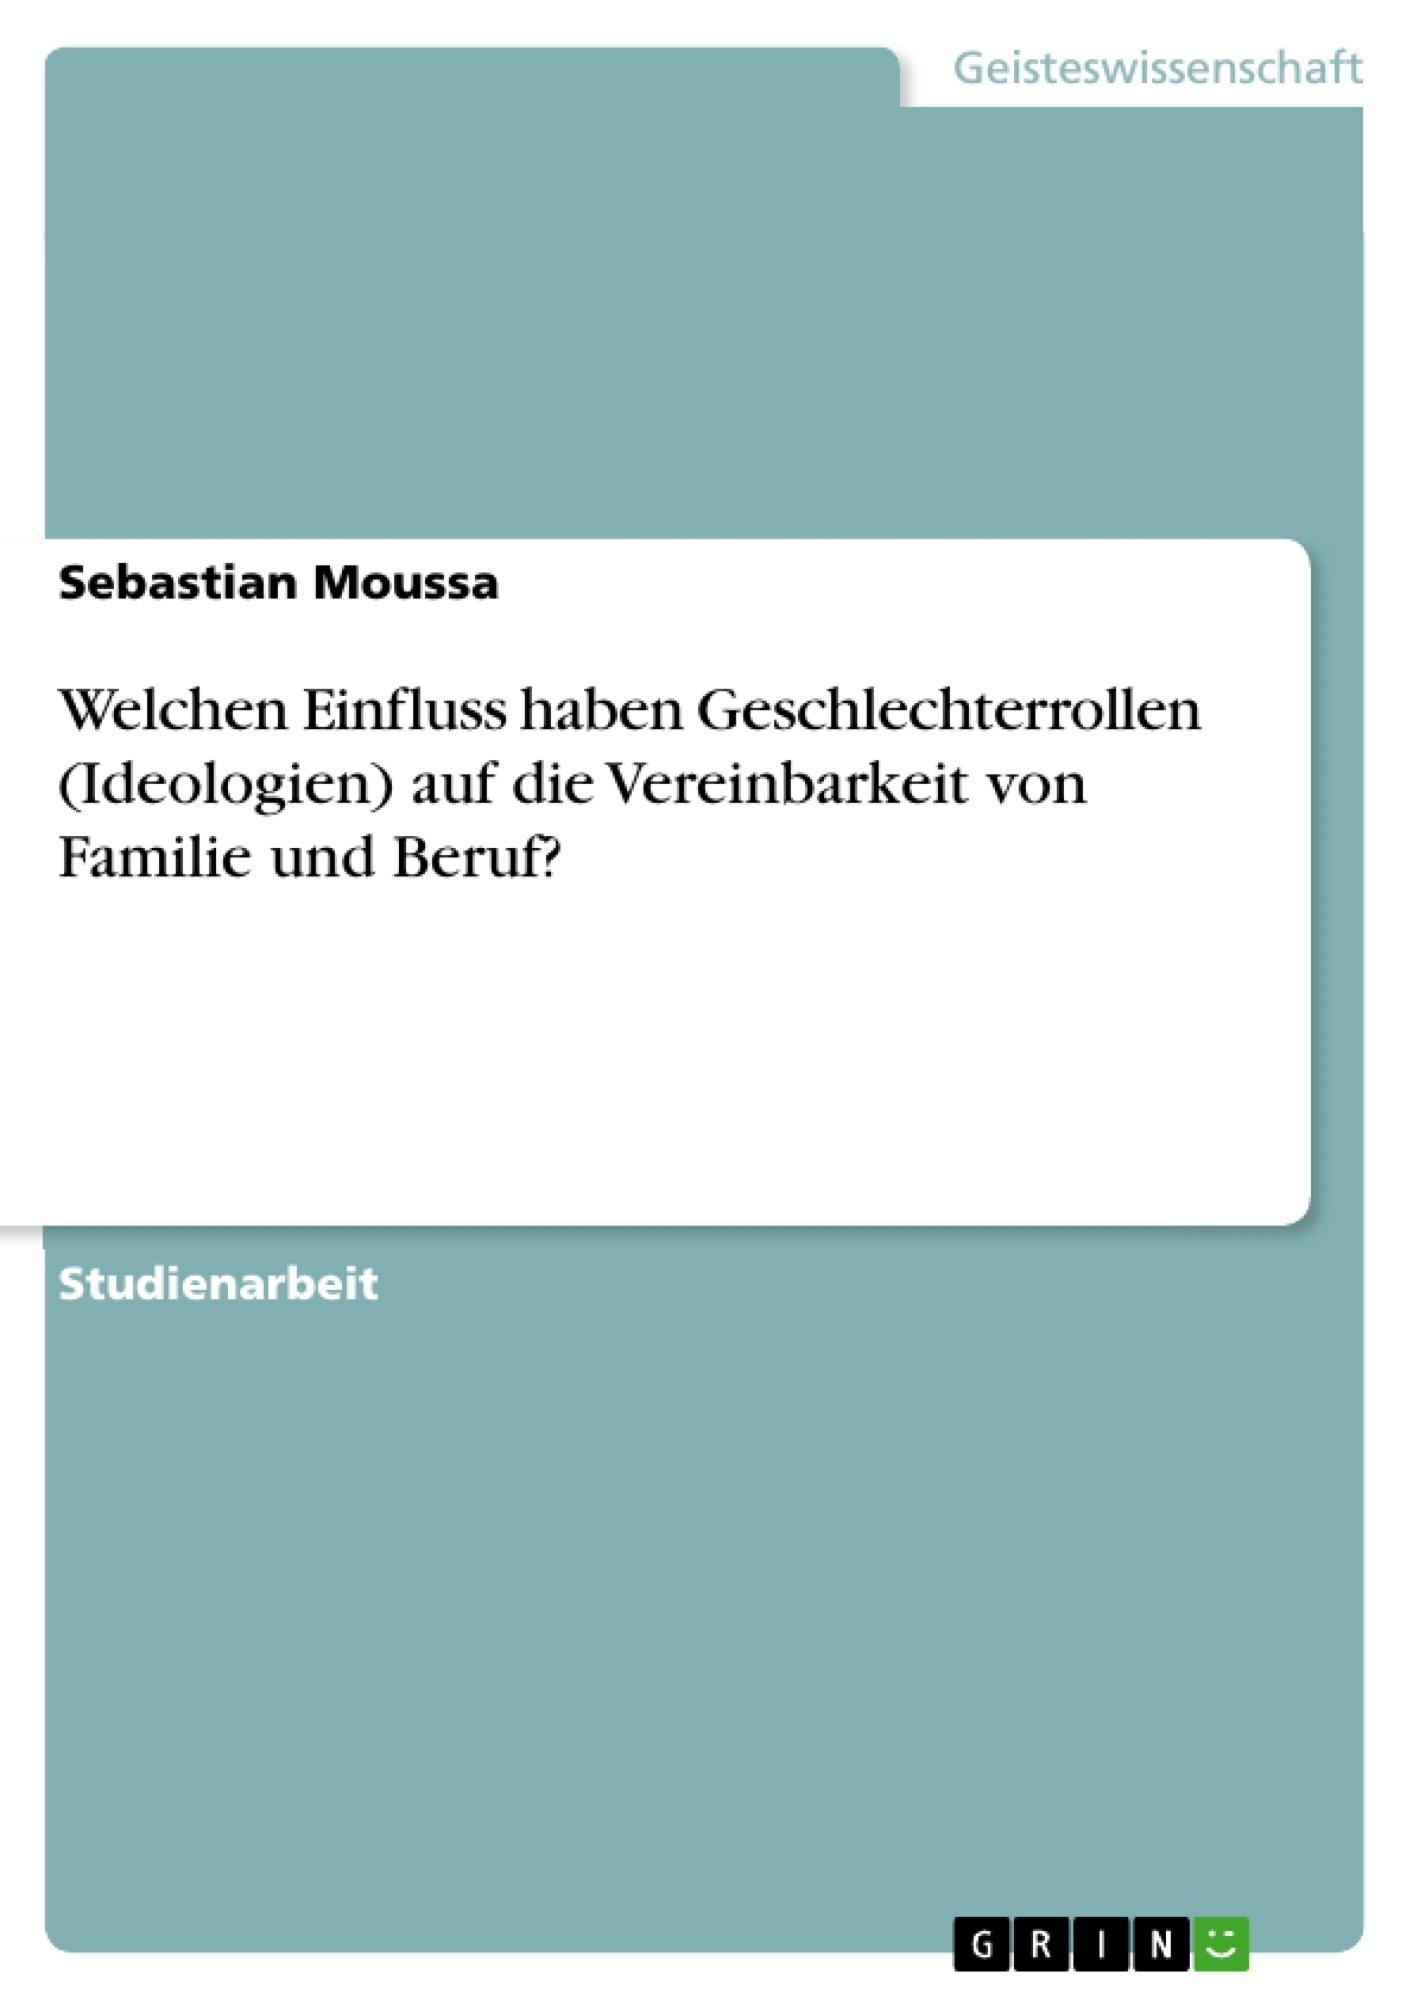 Titel: Welchen Einfluss haben Geschlechterrollen (Ideologien) auf die Vereinbarkeit von Familie und Beruf?